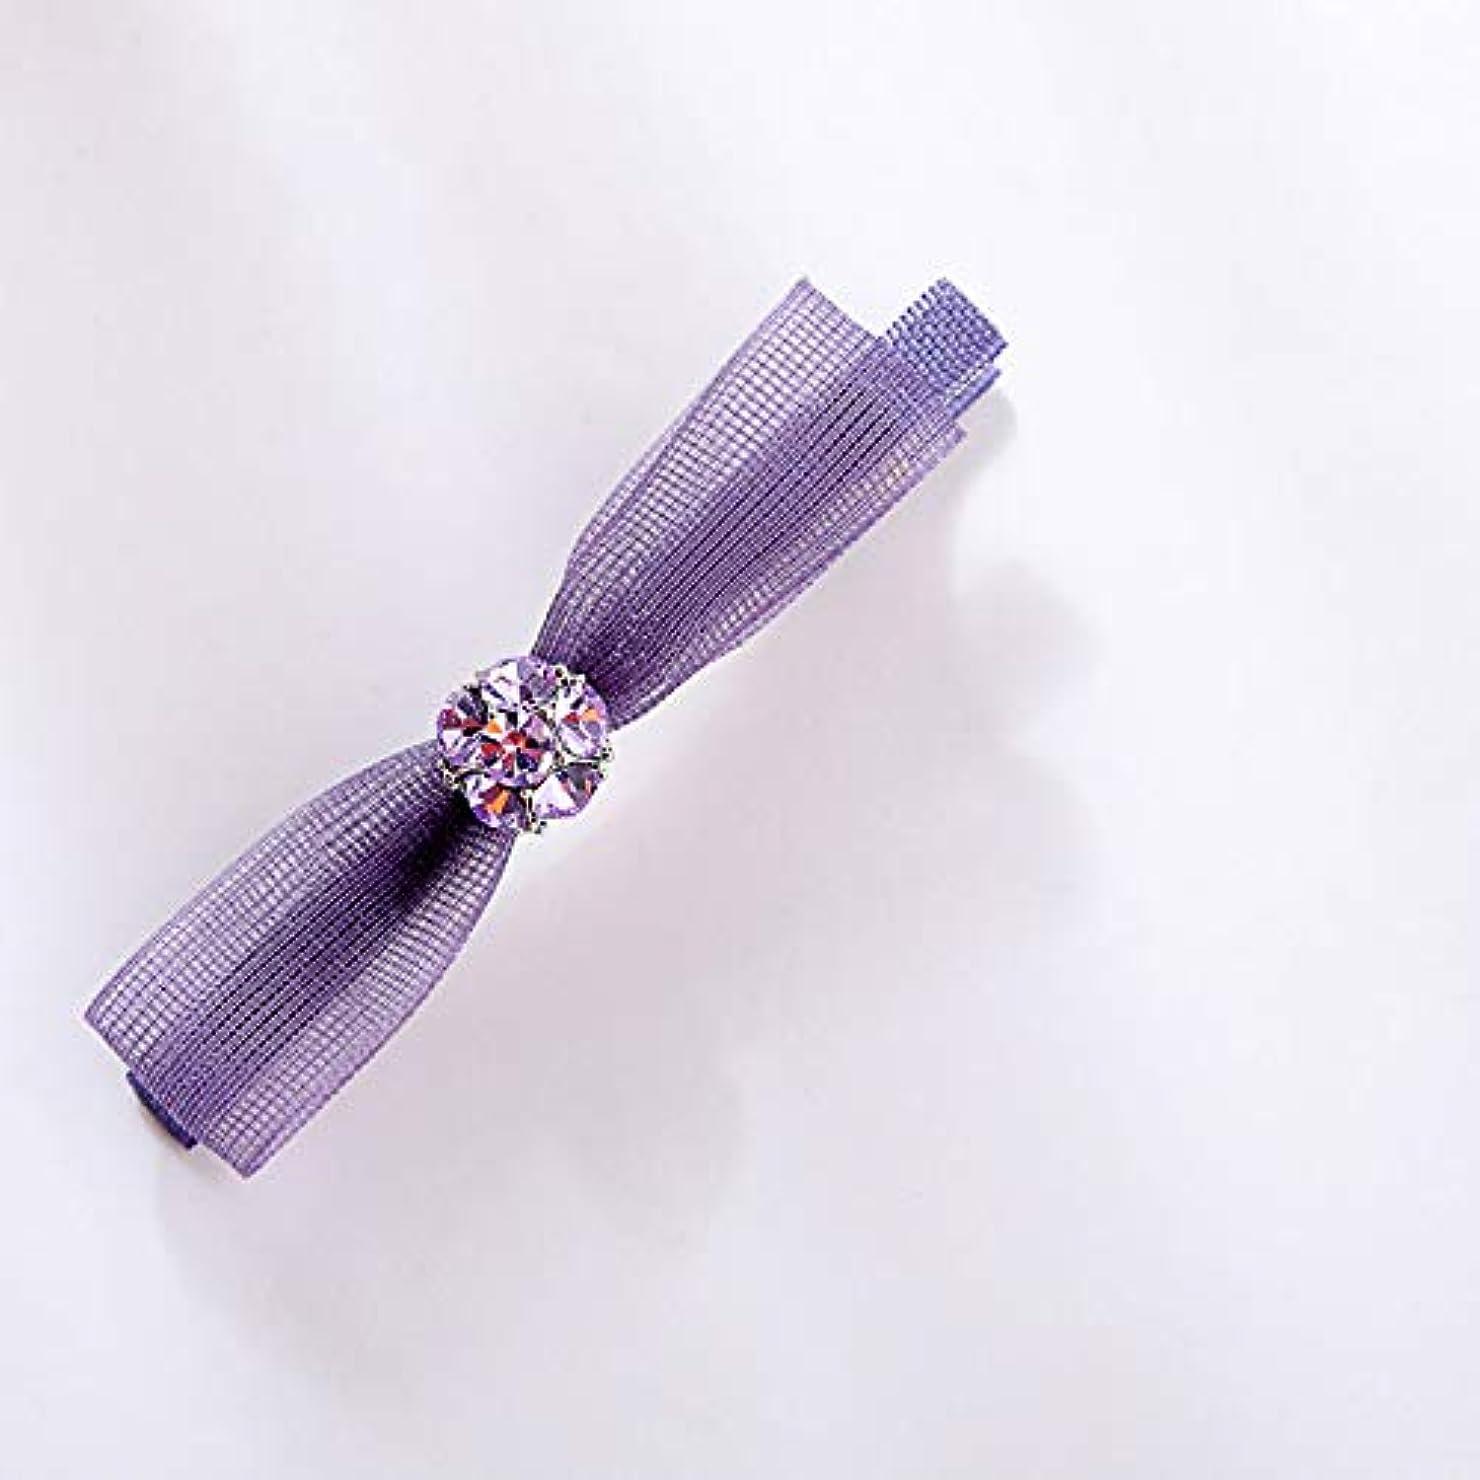 スカープバルーンアレルギーHuaQingPiJu-JP ファッションロゼットヘアピン便利なヘアクリップ女性の結婚式のアクセサリー(パープル)